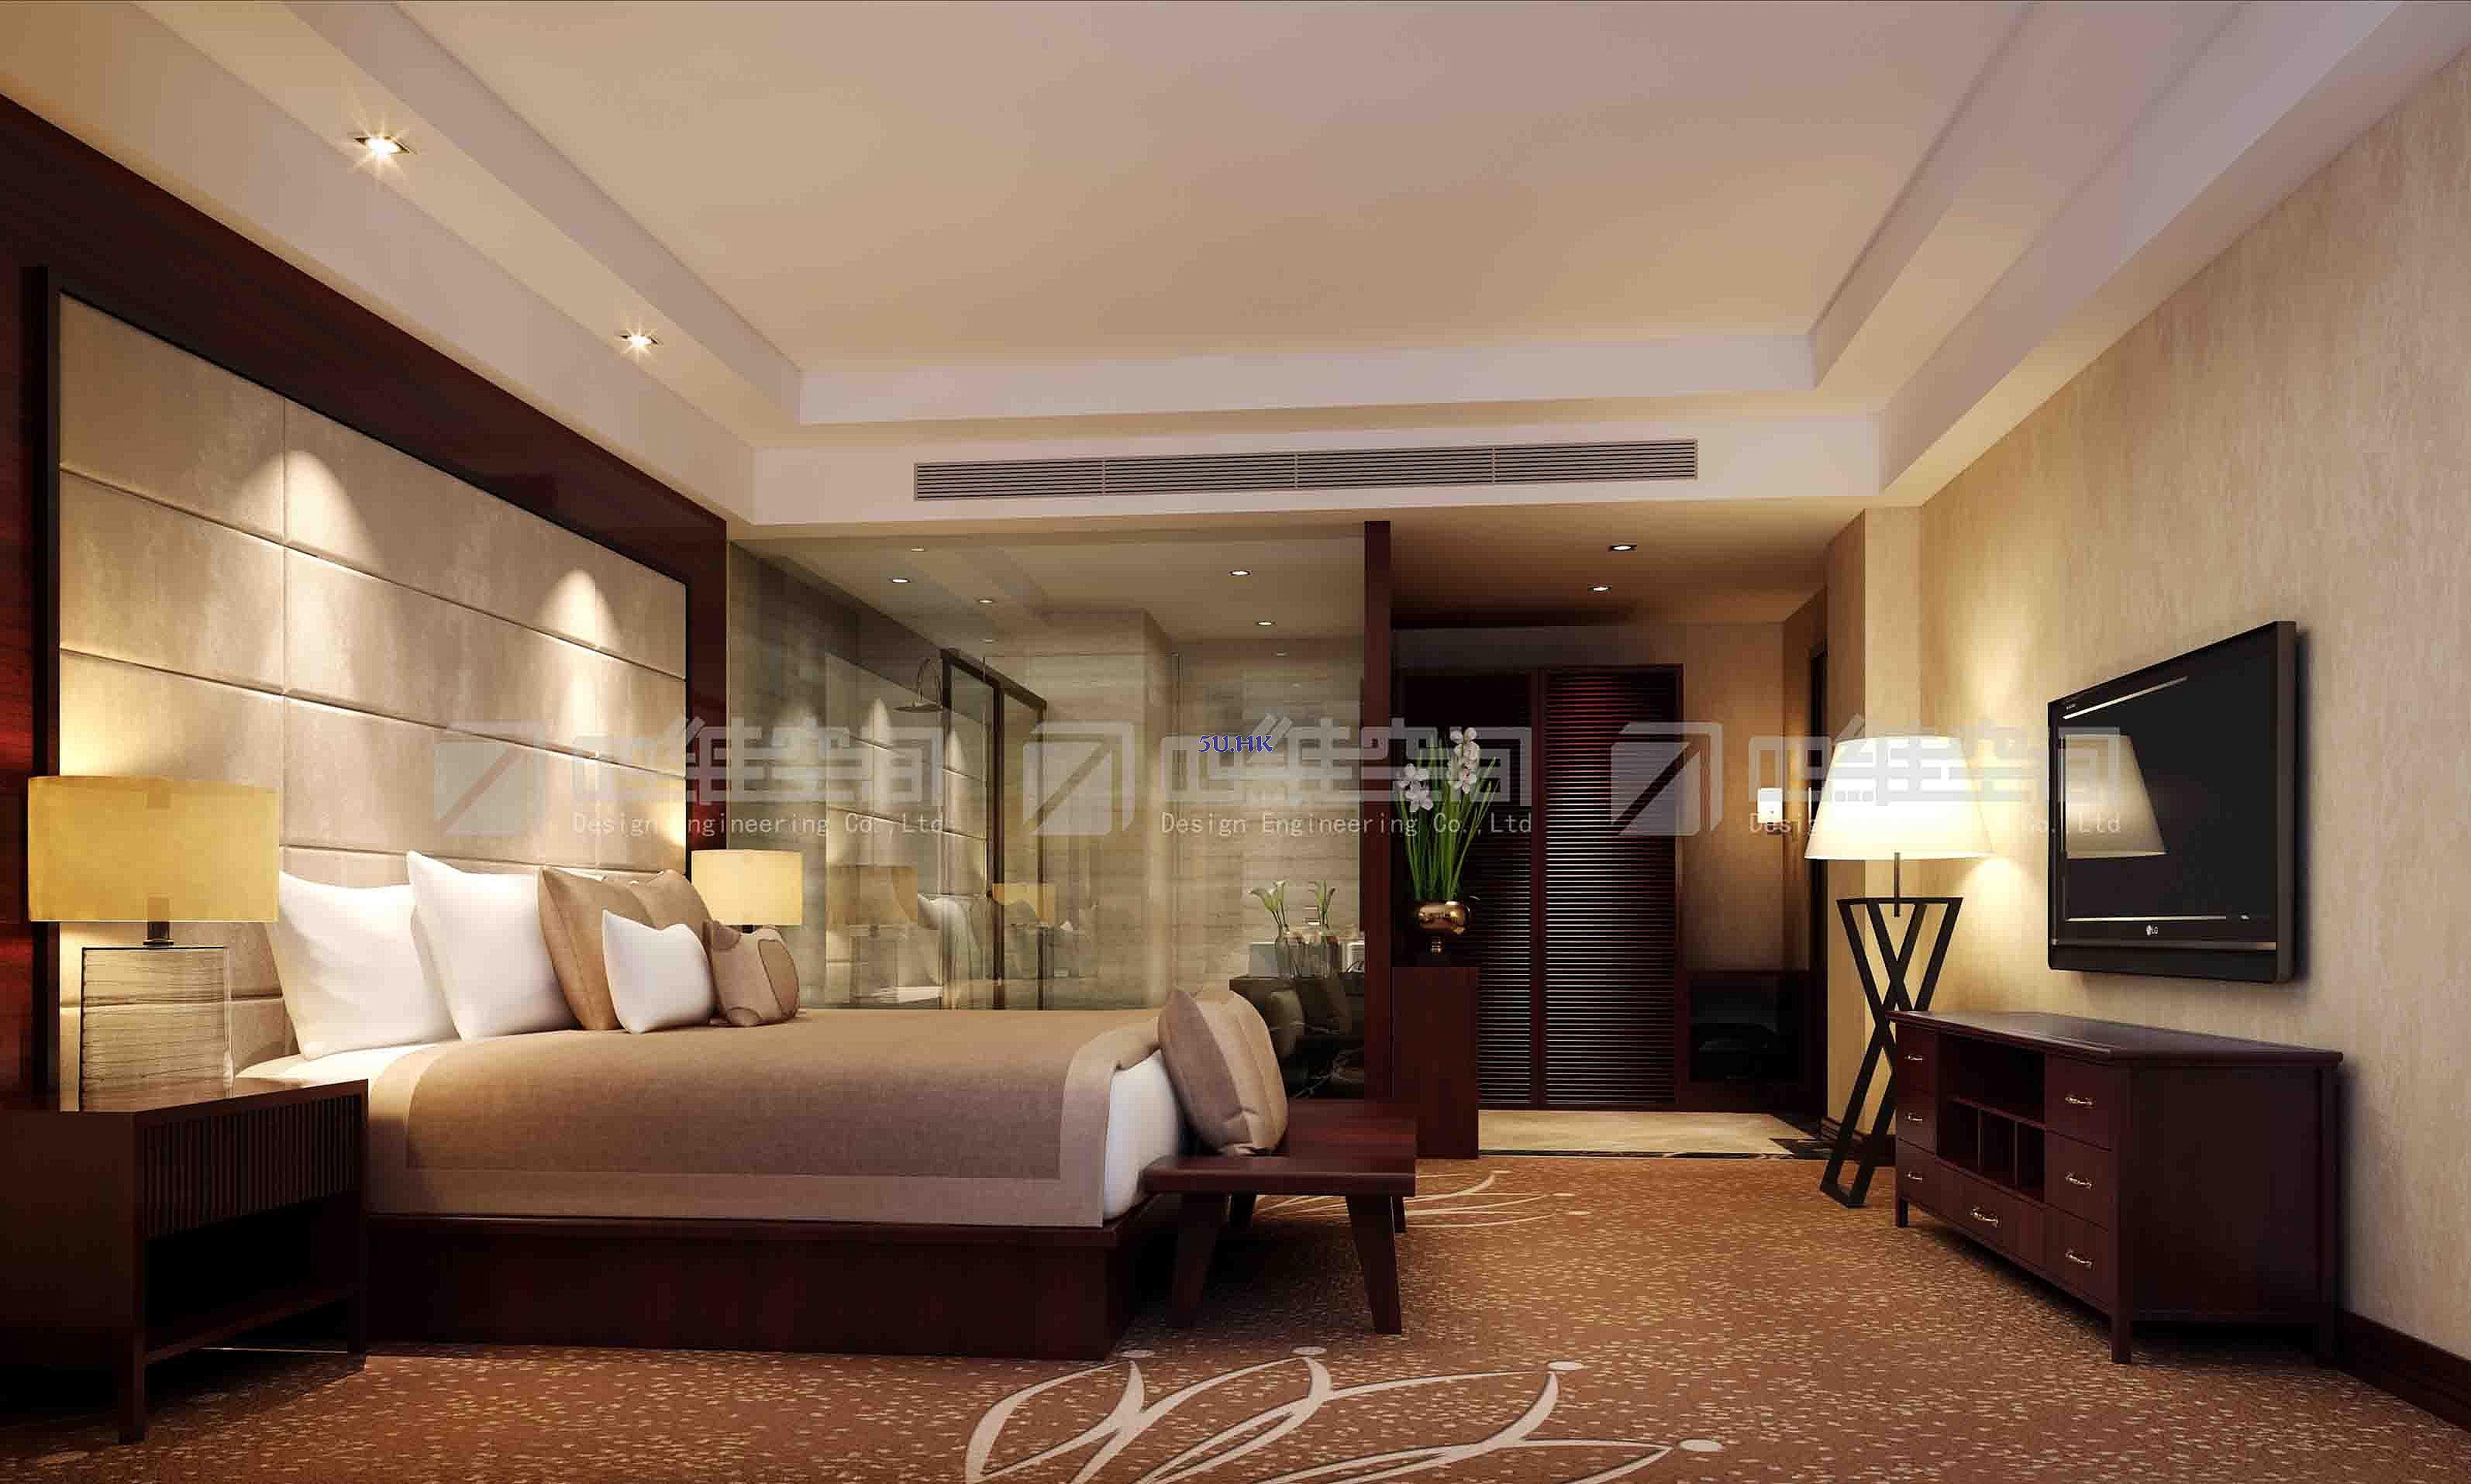 广西皇冠假日酒店 套间 设计方案角度03